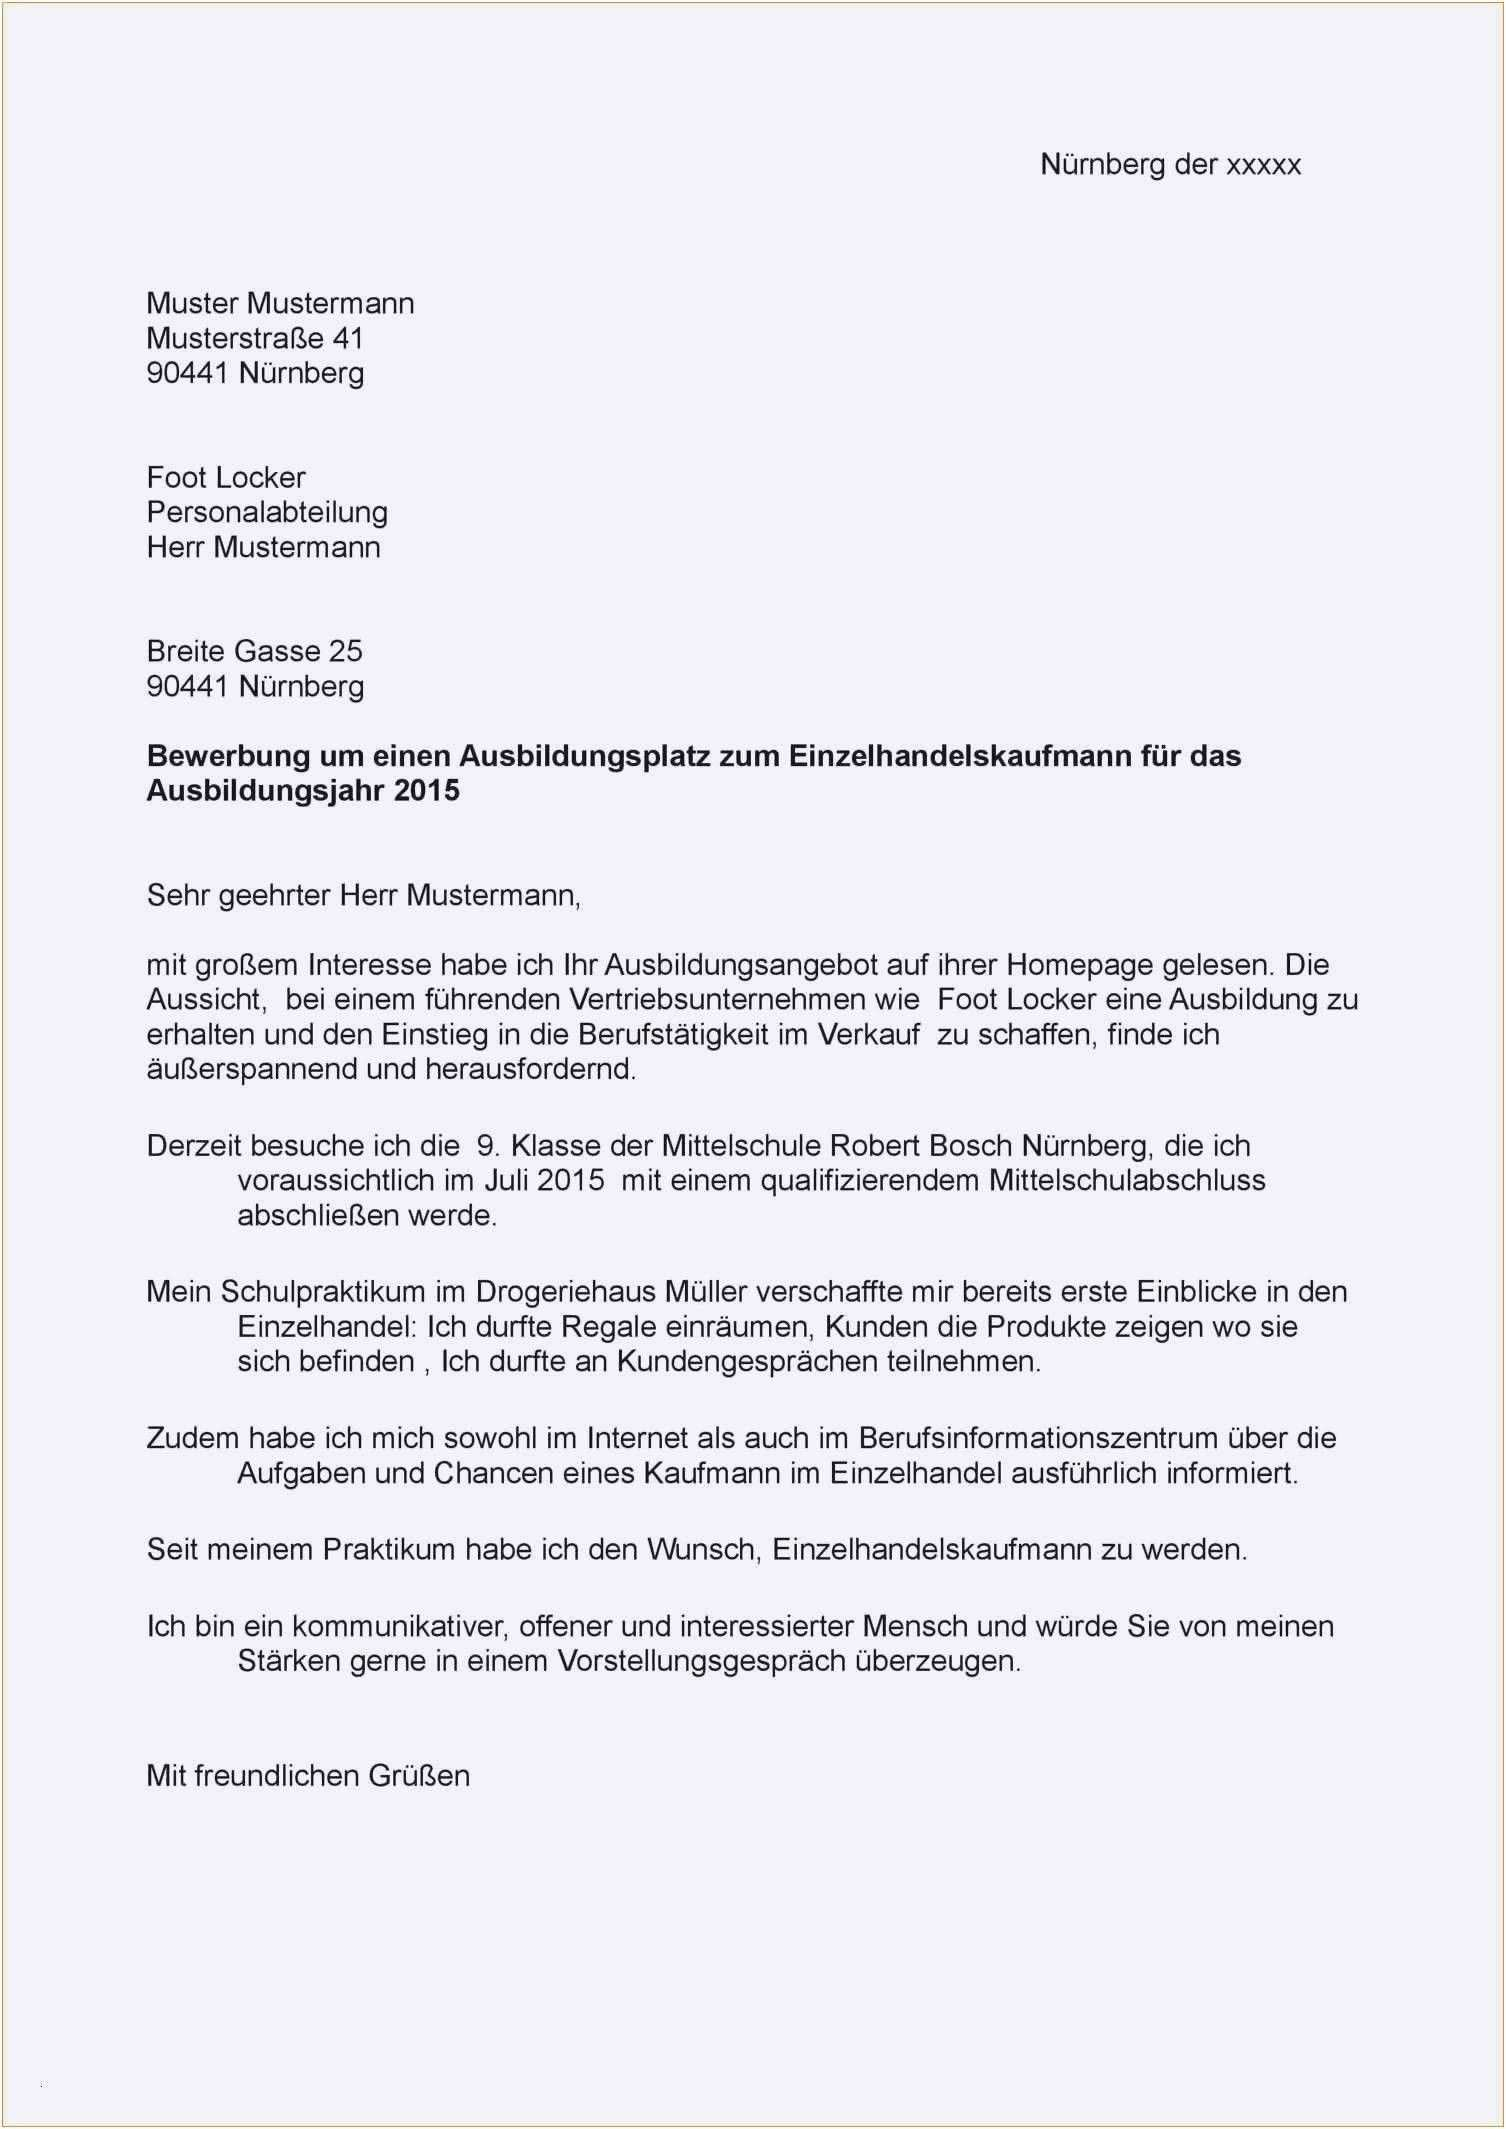 Neu Mieterhohung Musterschreiben Pdf Briefprobe Briefformat Briefvorlage Bewerbung Schreiben Bewerbungsschreiben Duales Studium